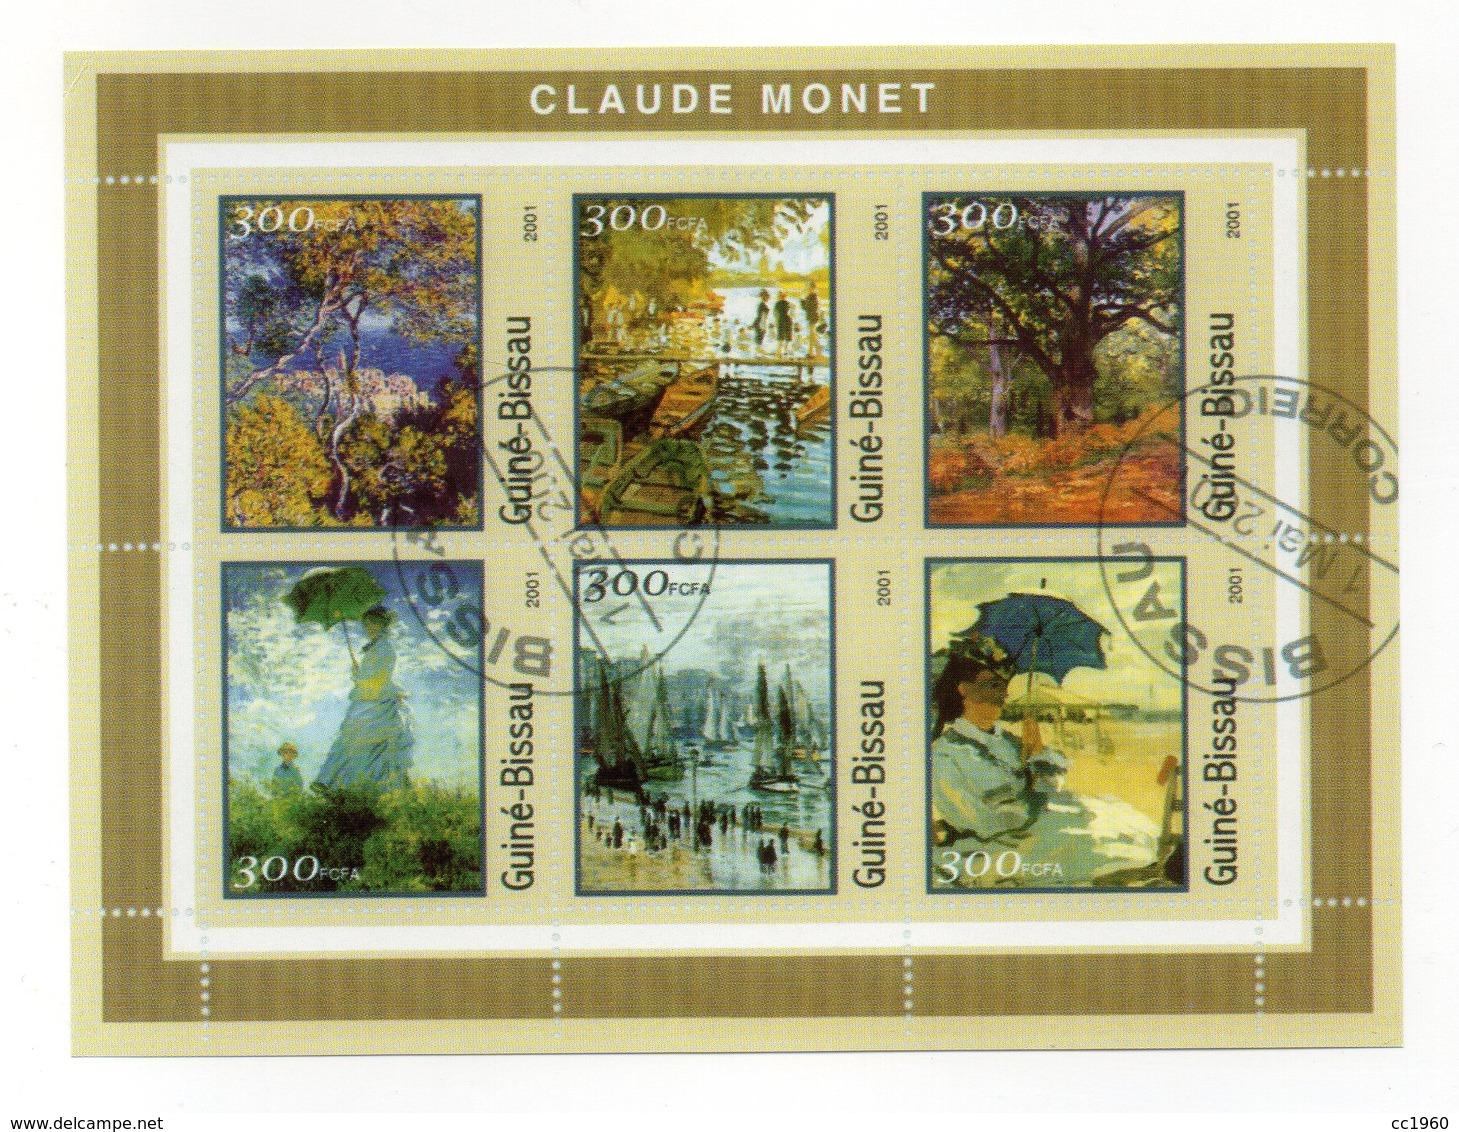 GUINEA BISSAU - 2001 - Foglietto Tematica  Arte - Claude Monet - 6 Valori - Con Doppio Annullo - (FDC13555) - Guinea-Bissau